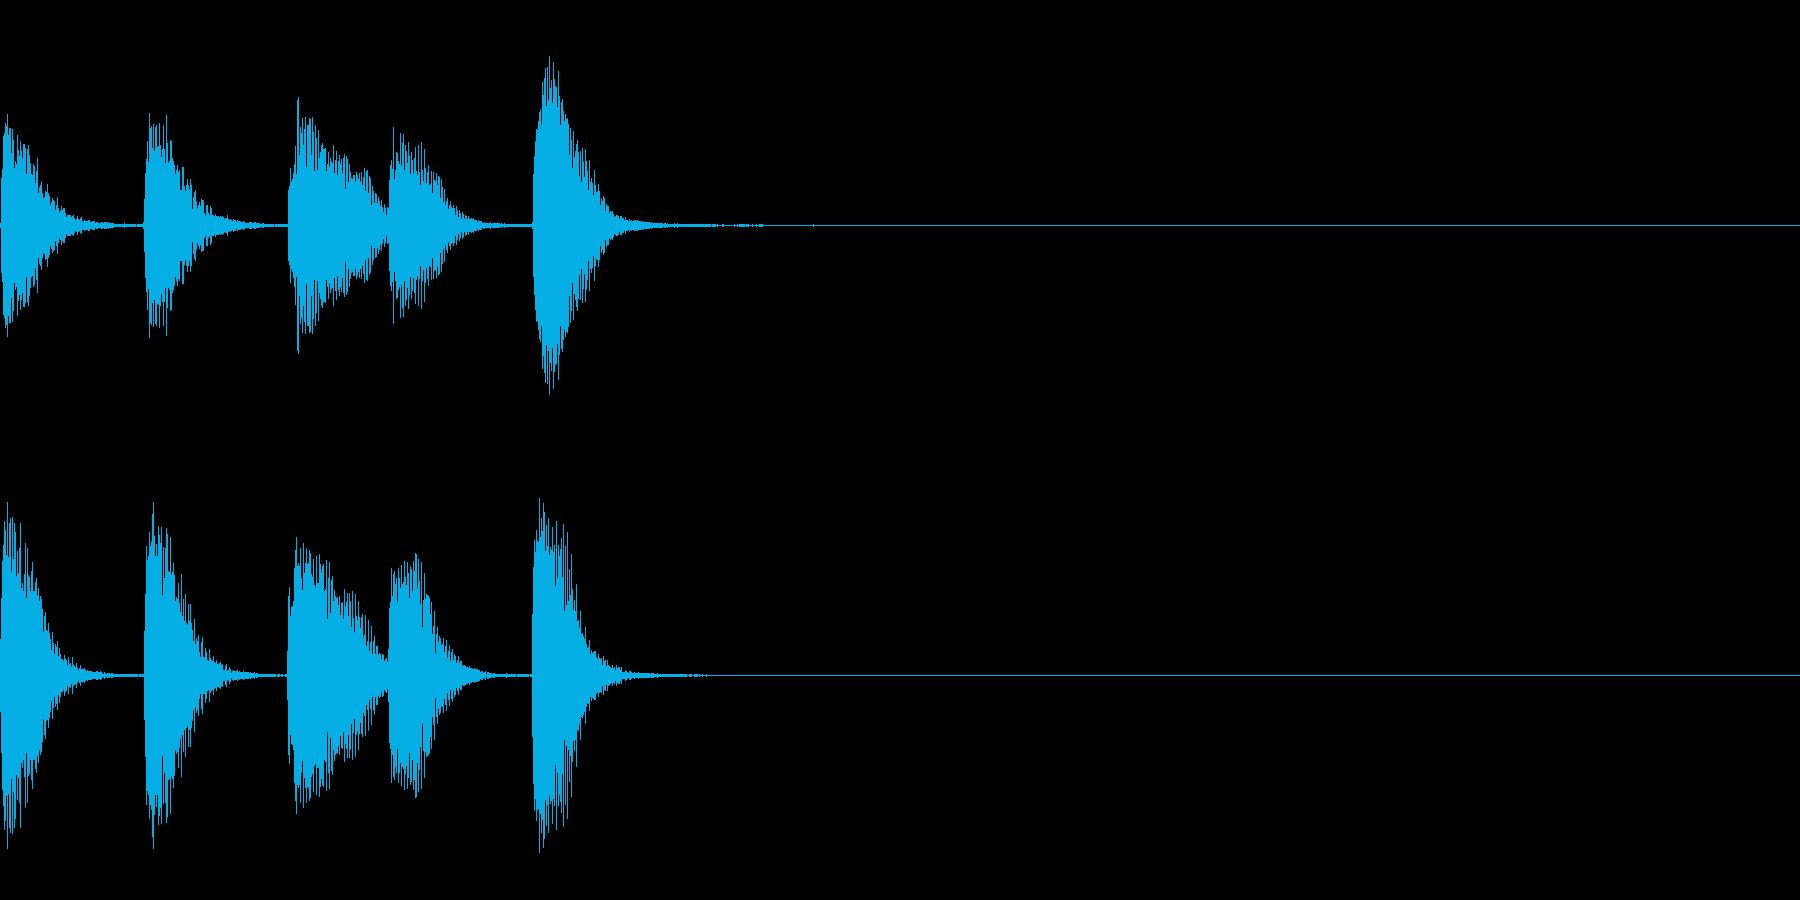 やさしいピアノ・サウンドロゴ9の再生済みの波形